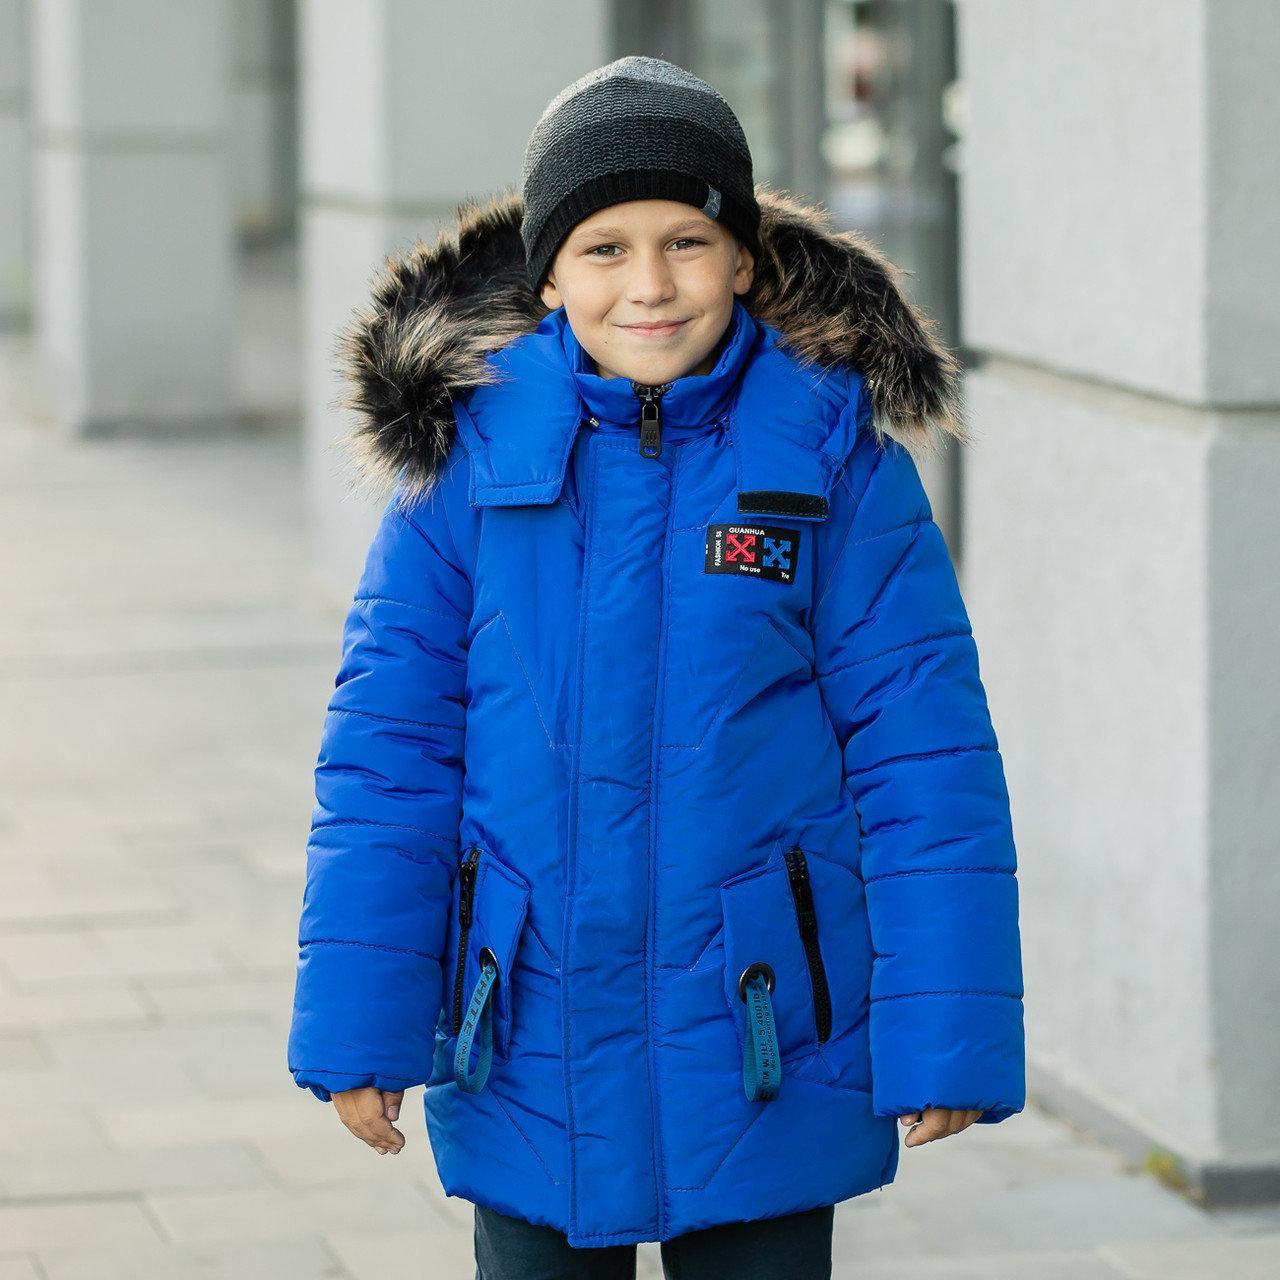 """Дитяча зимова куртка на хлопчика """"Вері"""" , колір - элекрик, розміри 24 - 34"""